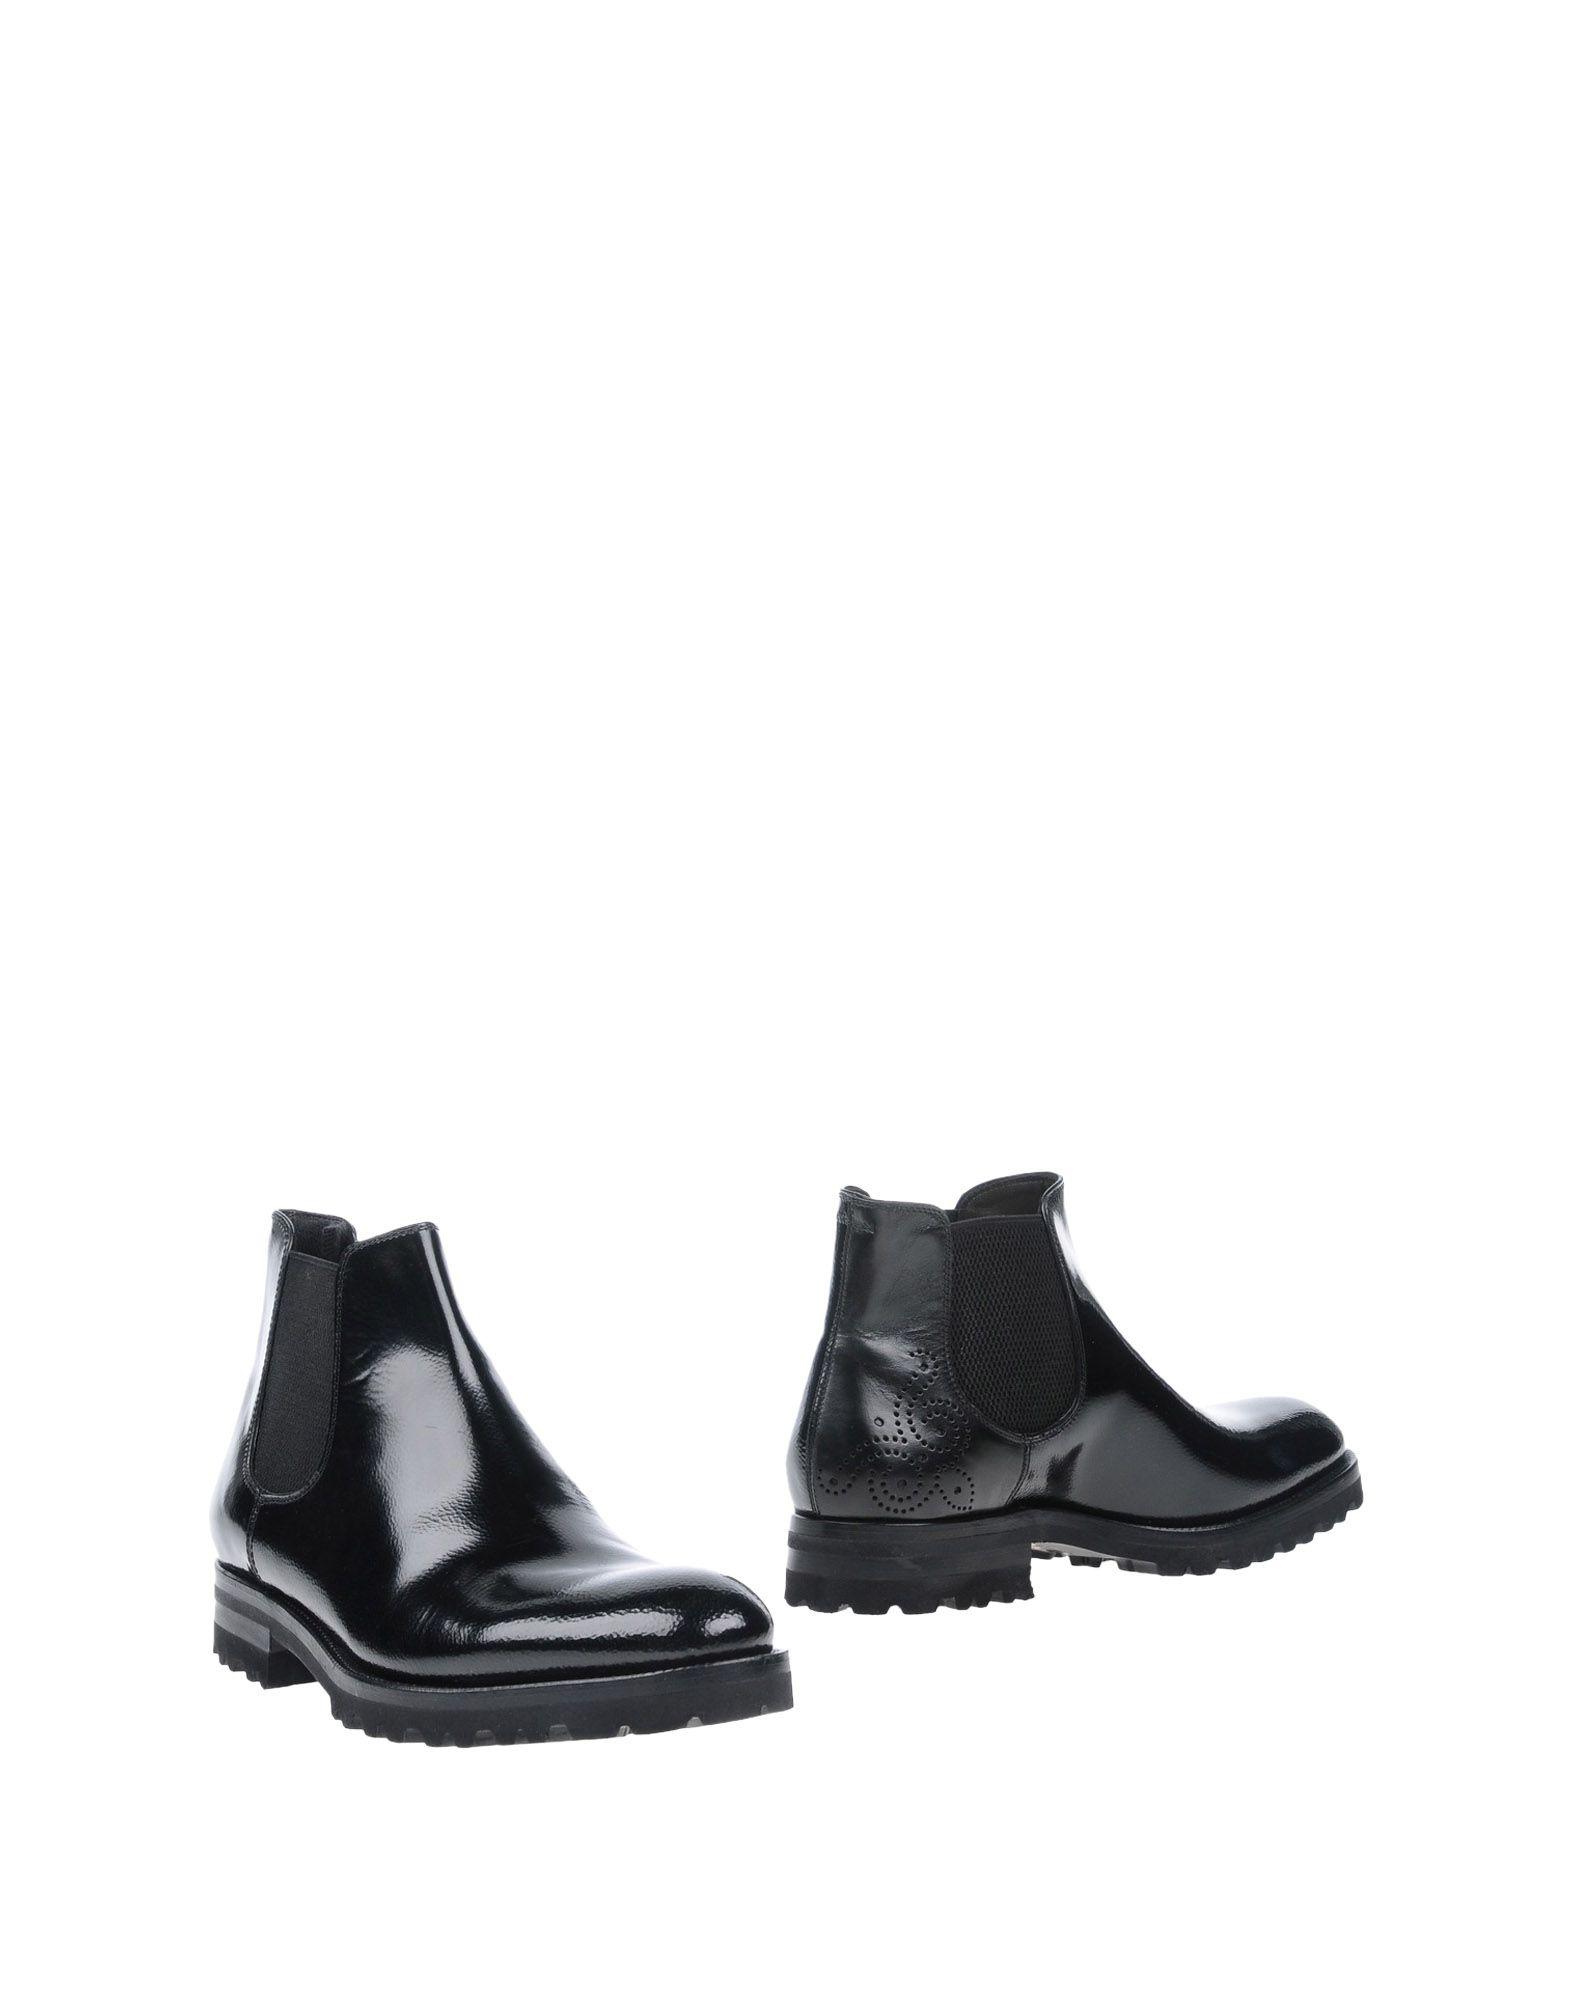 Fratelli Rossetti Stiefelette Herren  11334181VV Gute Qualität beliebte Schuhe